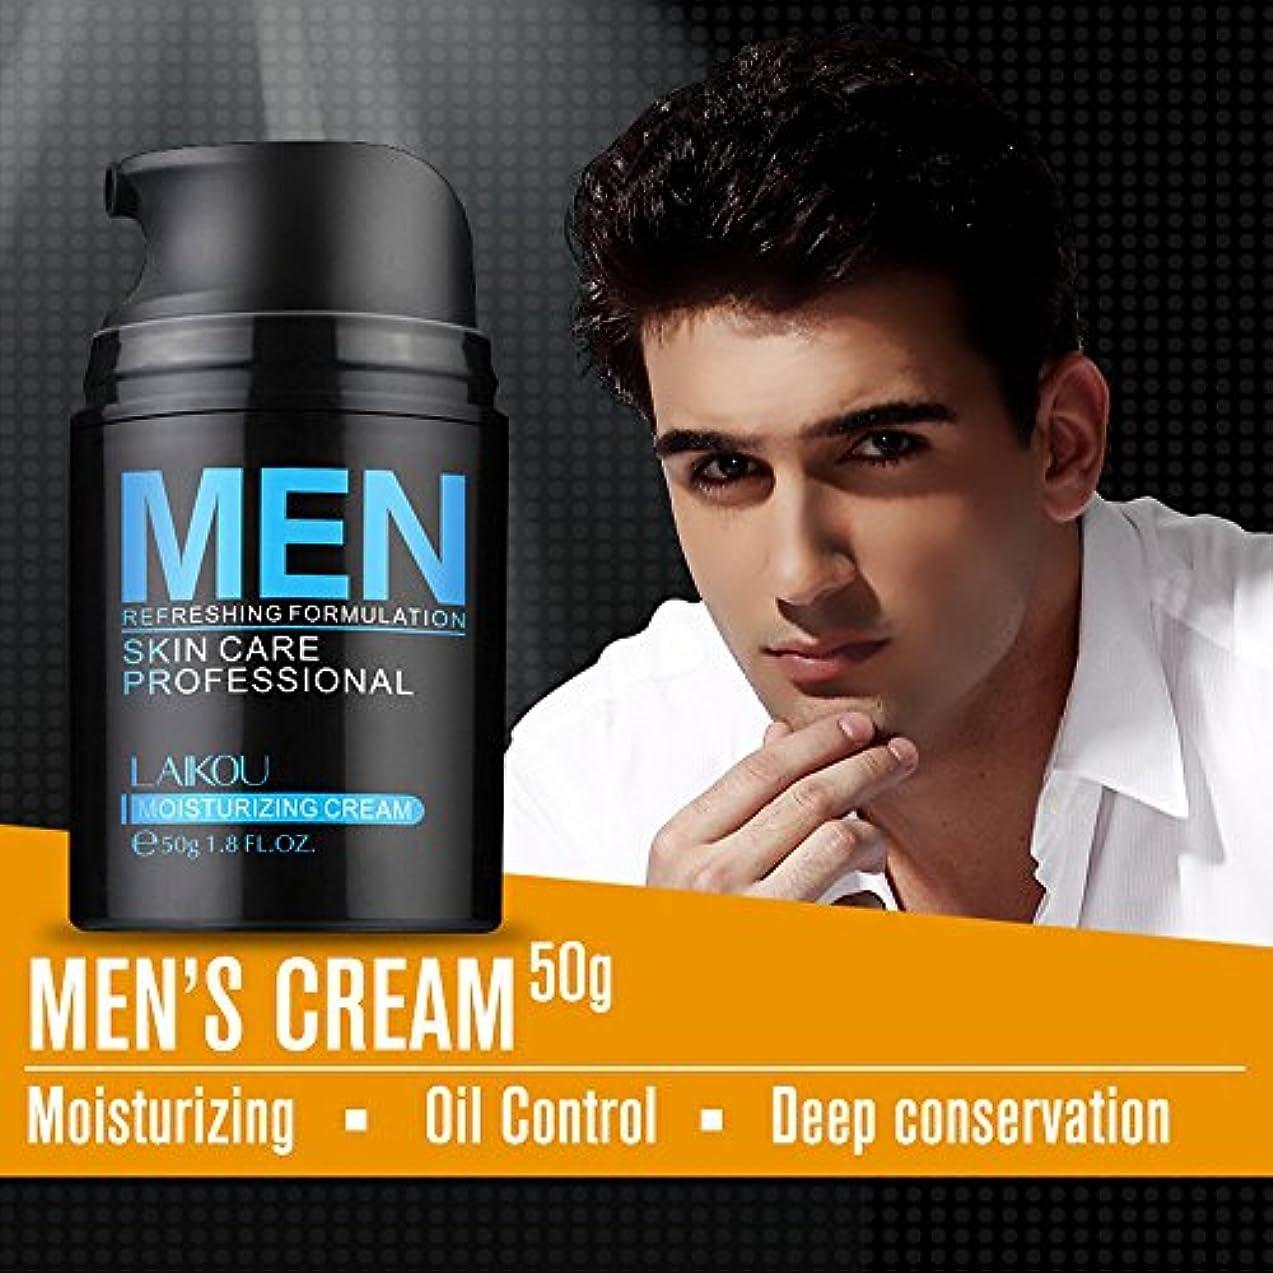 狂ったフランクワースリー会社Akane LAIKOU 男子 押す 顔洗い 素敵 水分補給 オイルコントロール 保湿 すがすがしい 角質除去 クレンジング 浄化 使いやすい 洗顔料 アロエクリーム